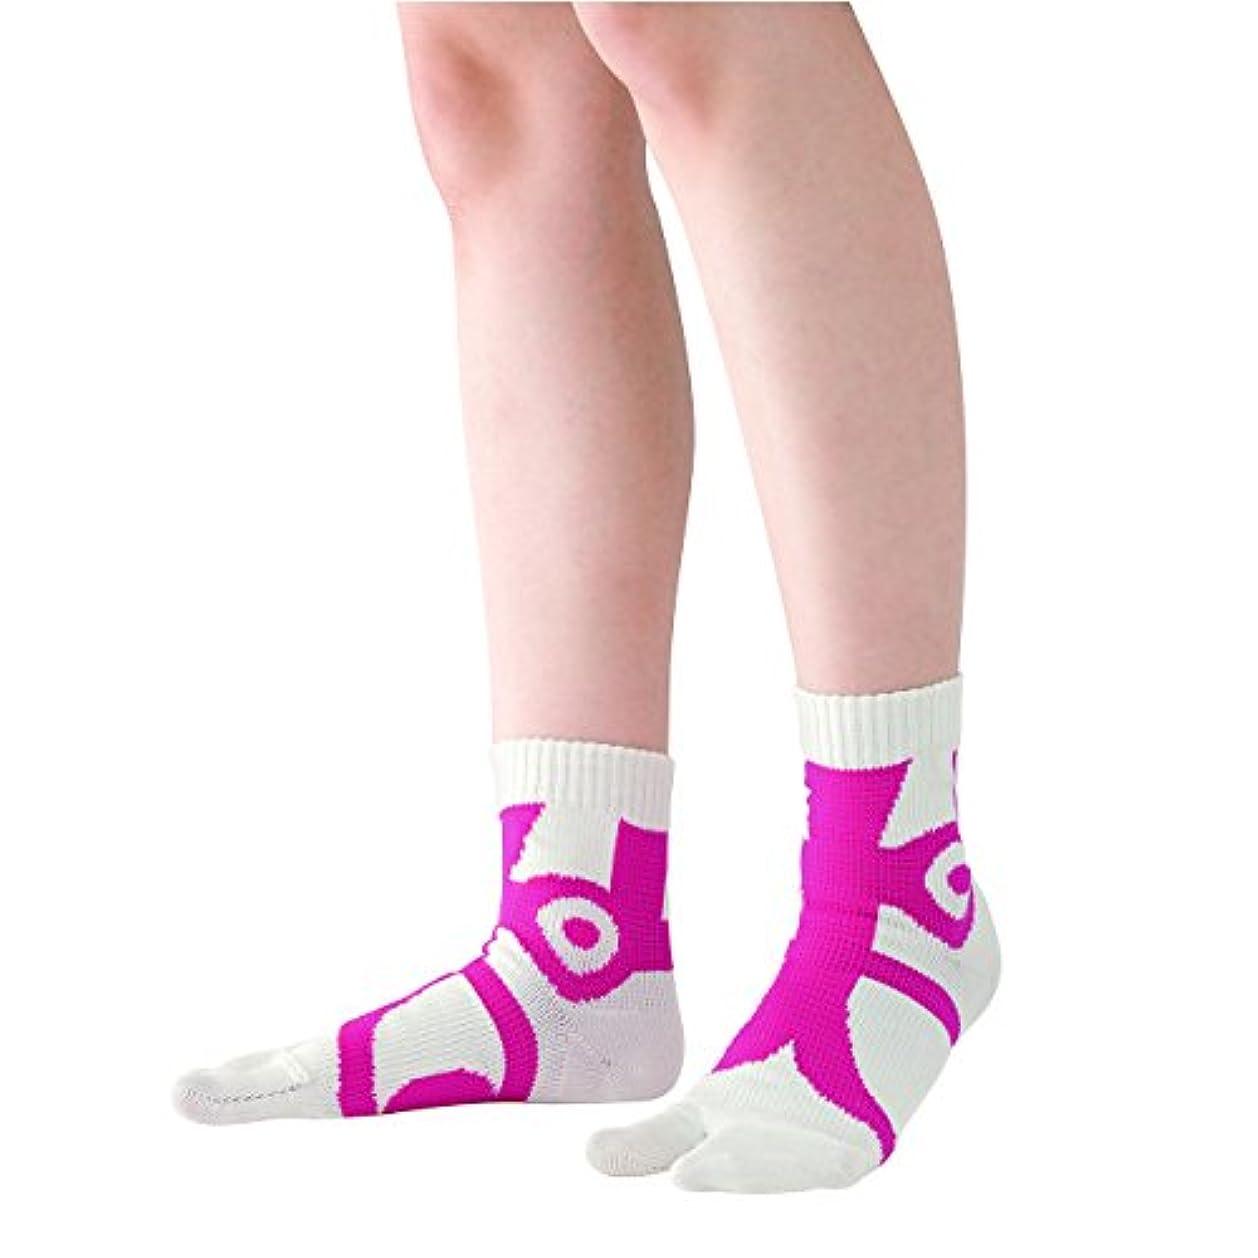 遠いフルーツ野菜現在快歩テーピング靴下 ホワイト×ピンク